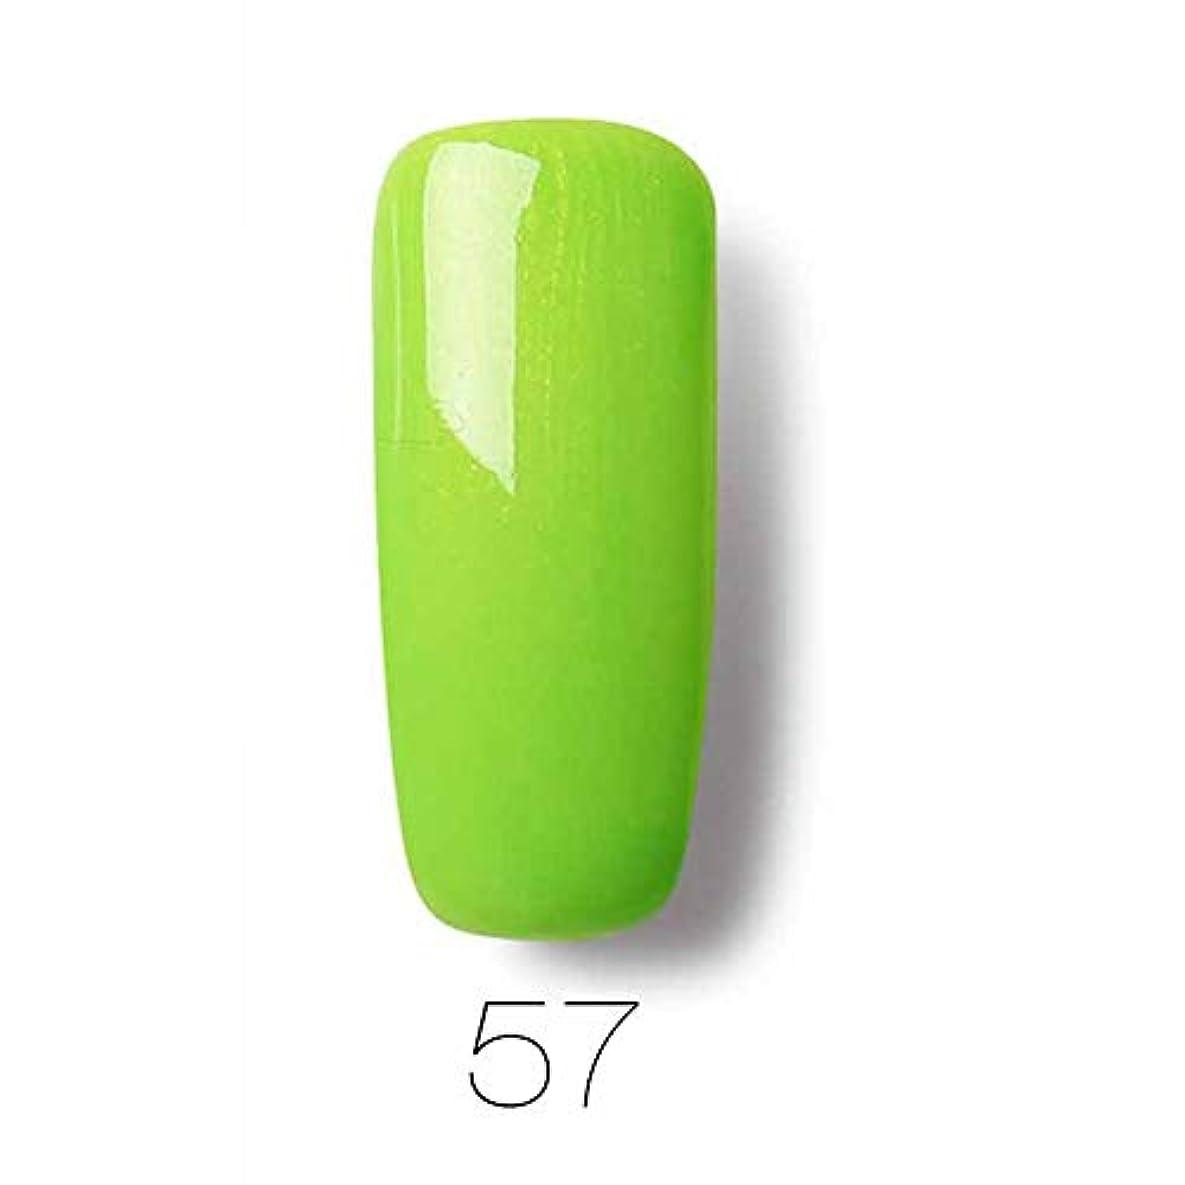 提唱する艶舌3本セット ジェルネイルペン ベースコート トップコート ネイルアート専用ジェル 人気 5ml/本 (57)